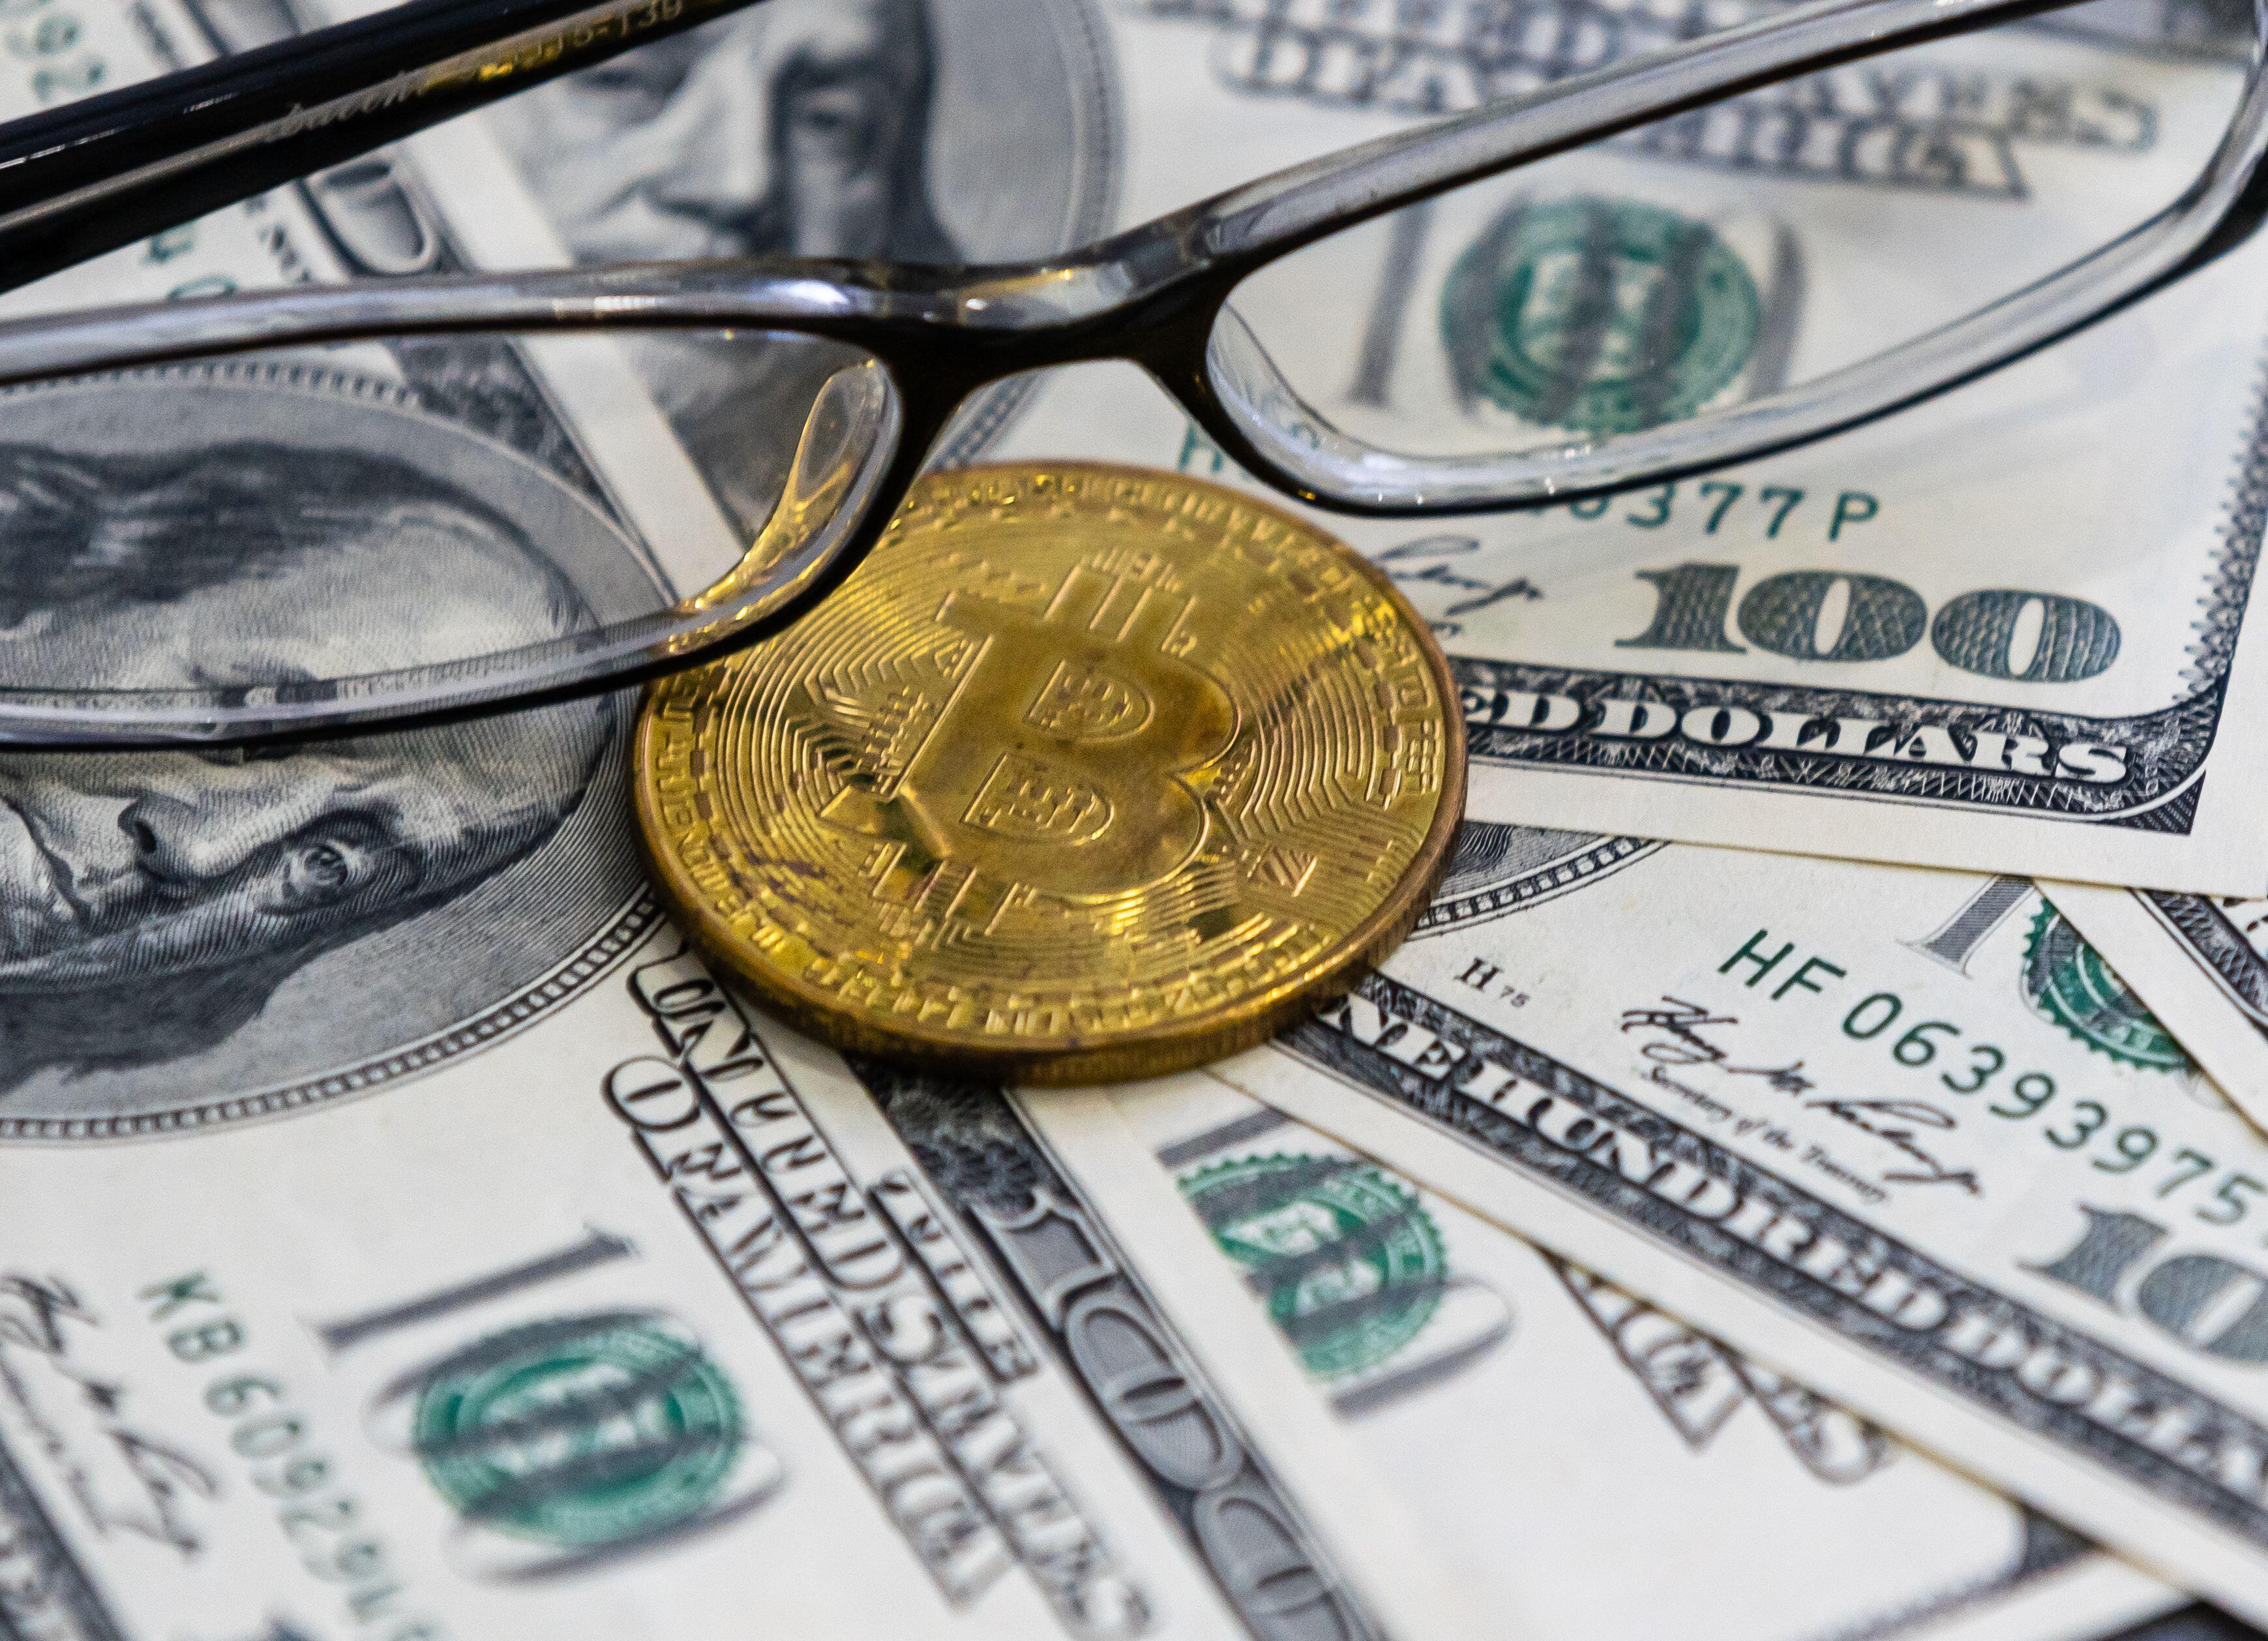 înregistrarea site- ului bitcoin)